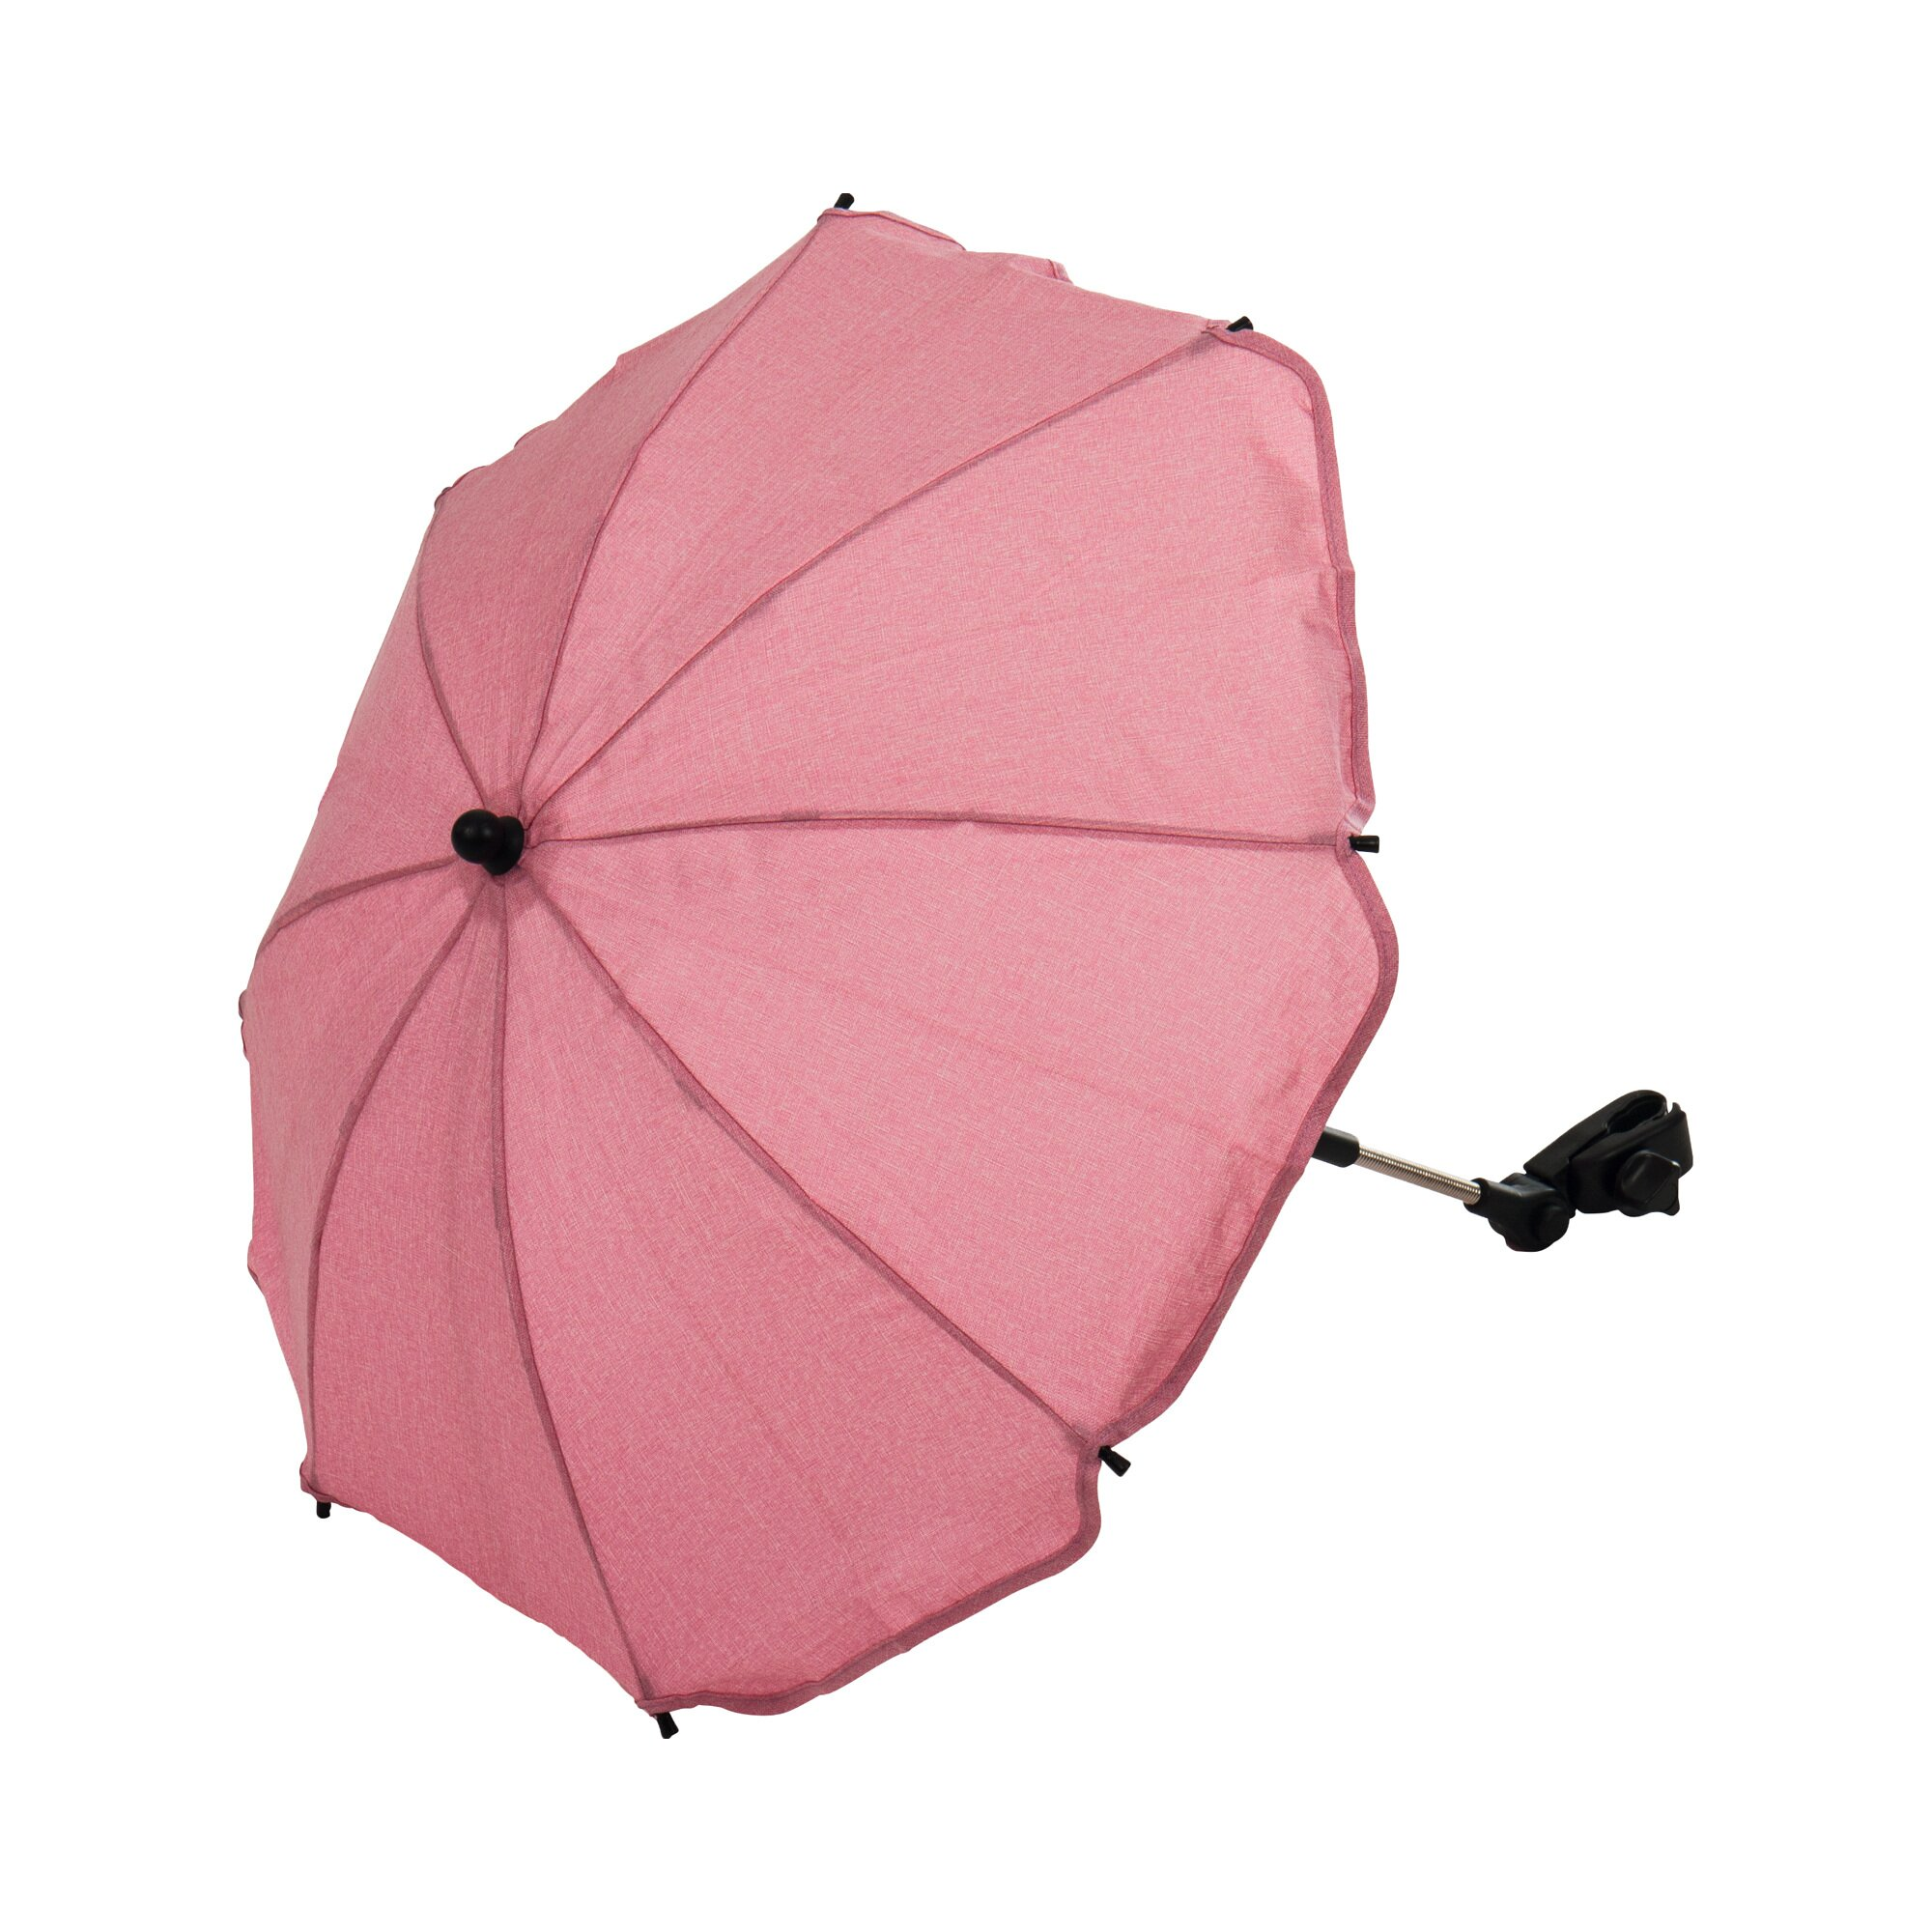 babycab-universal-sonnenschirm-mit-uv-schutz-rosa